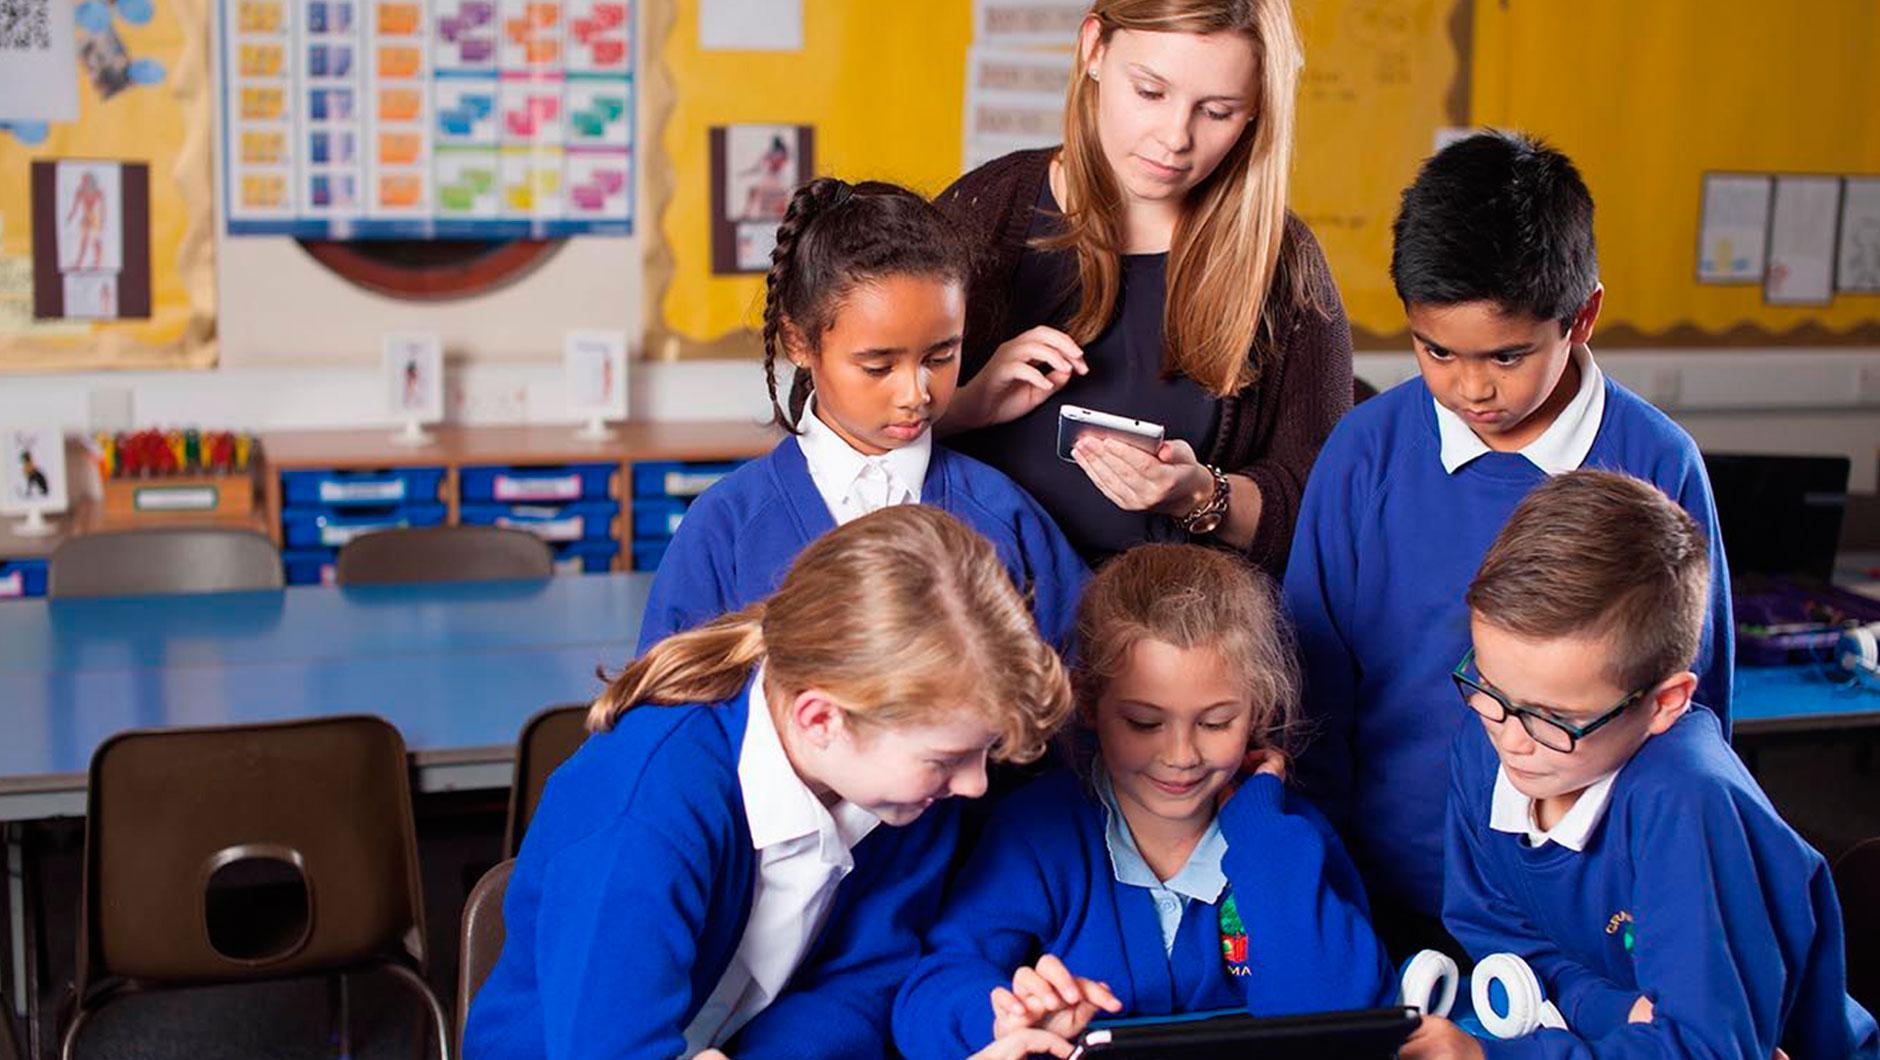 Учебный год в английских школах делится на триместры. Каждый из них длится 12 недель. В середине семестра могут быть короткие каникулы (на 5-7 дней). К тому же великобританцы практикуют exeat weekends, когда ребенок по желанию может взять дополнительные выходные